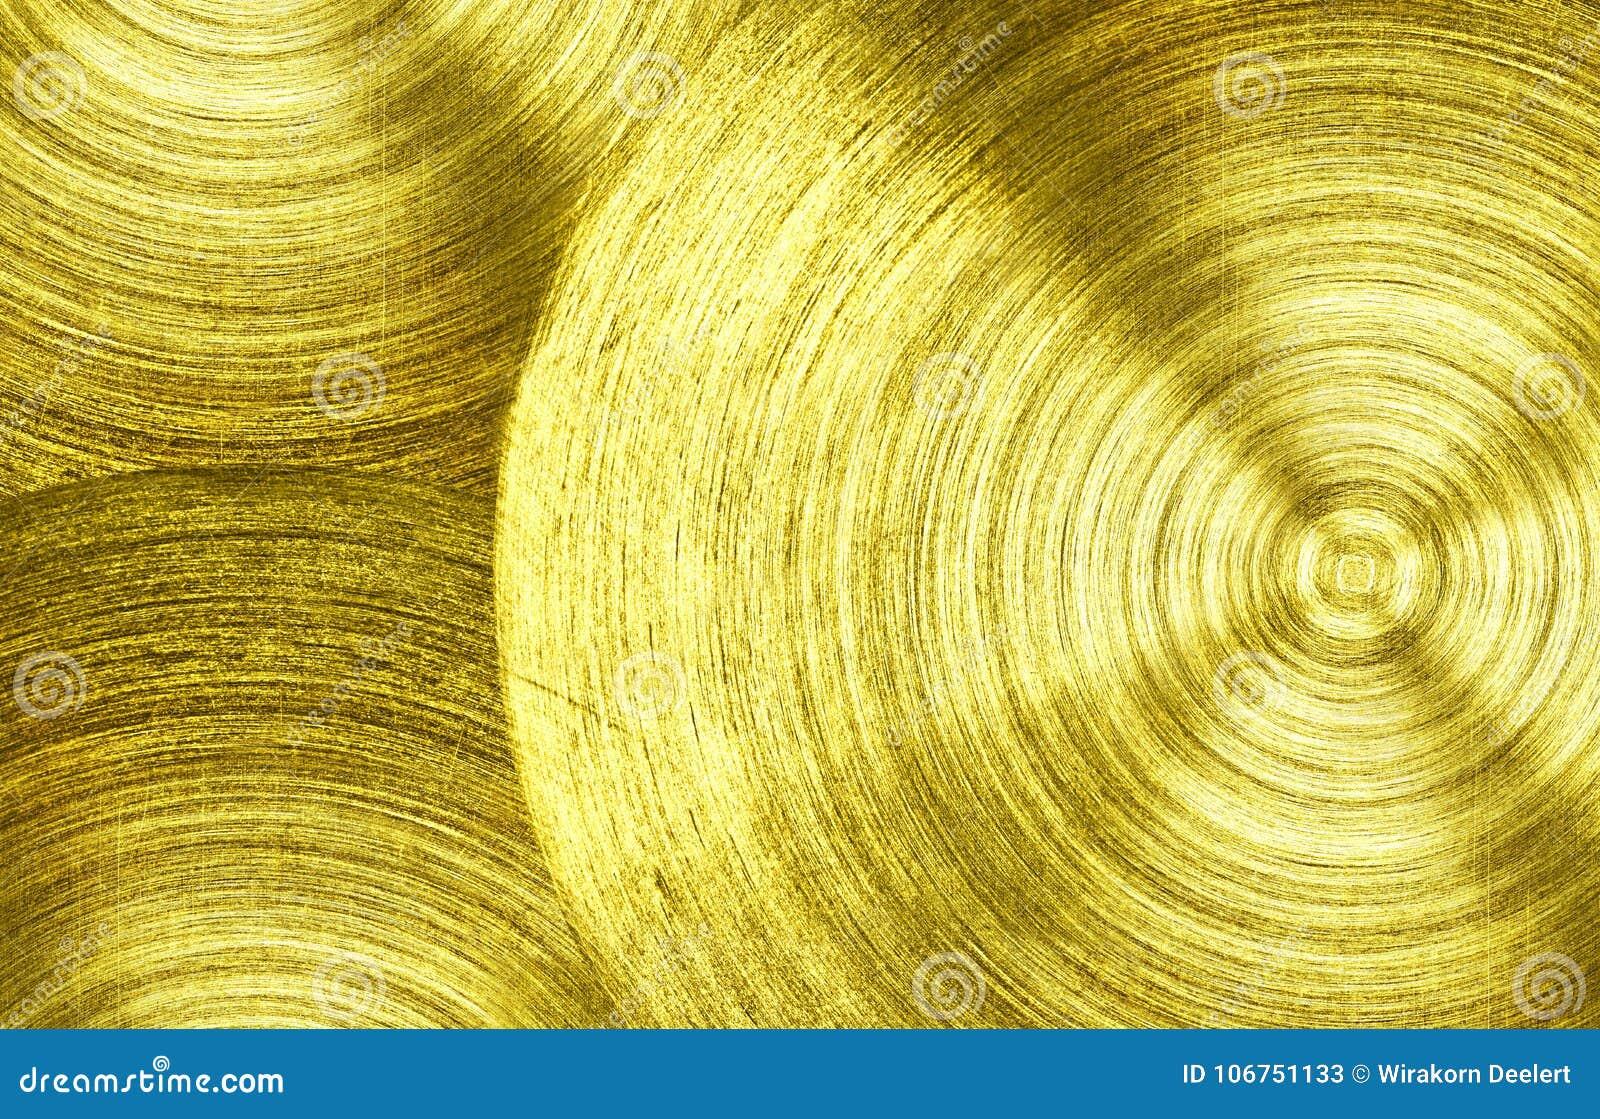 Un fer d or en métal avec le fond circulaire de texture